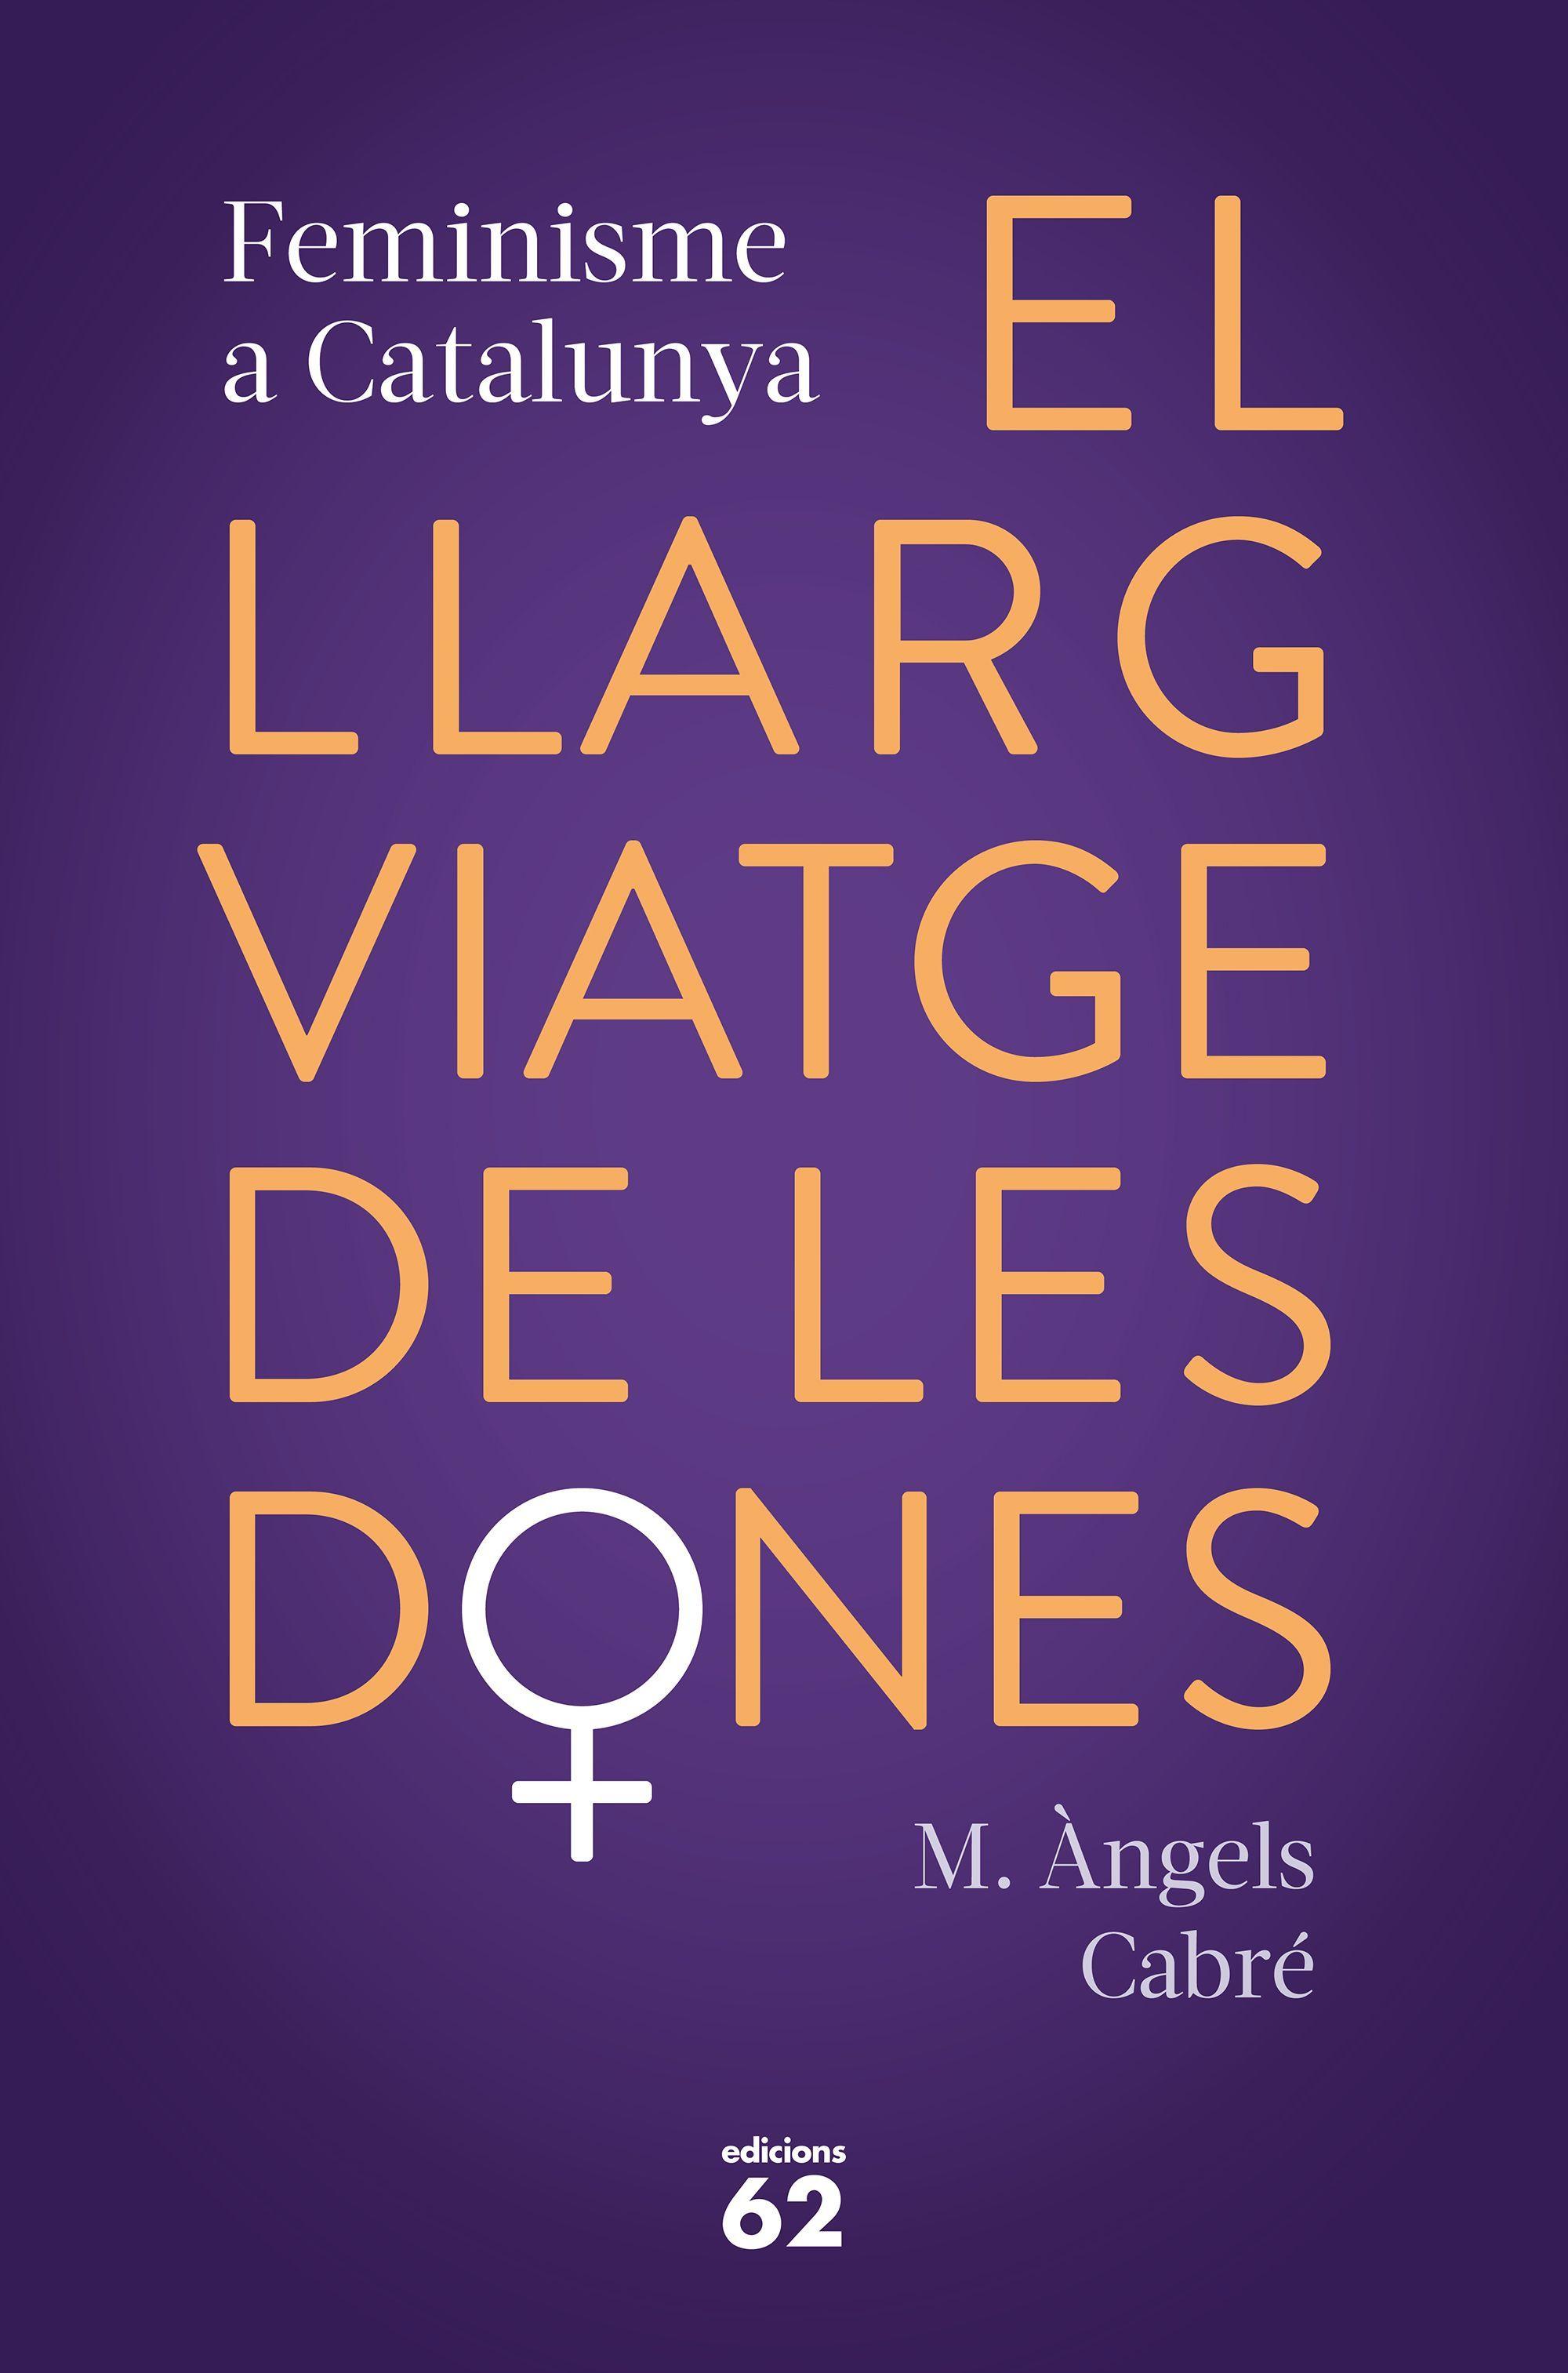 LLARG VIATGE DE LES DONES EL